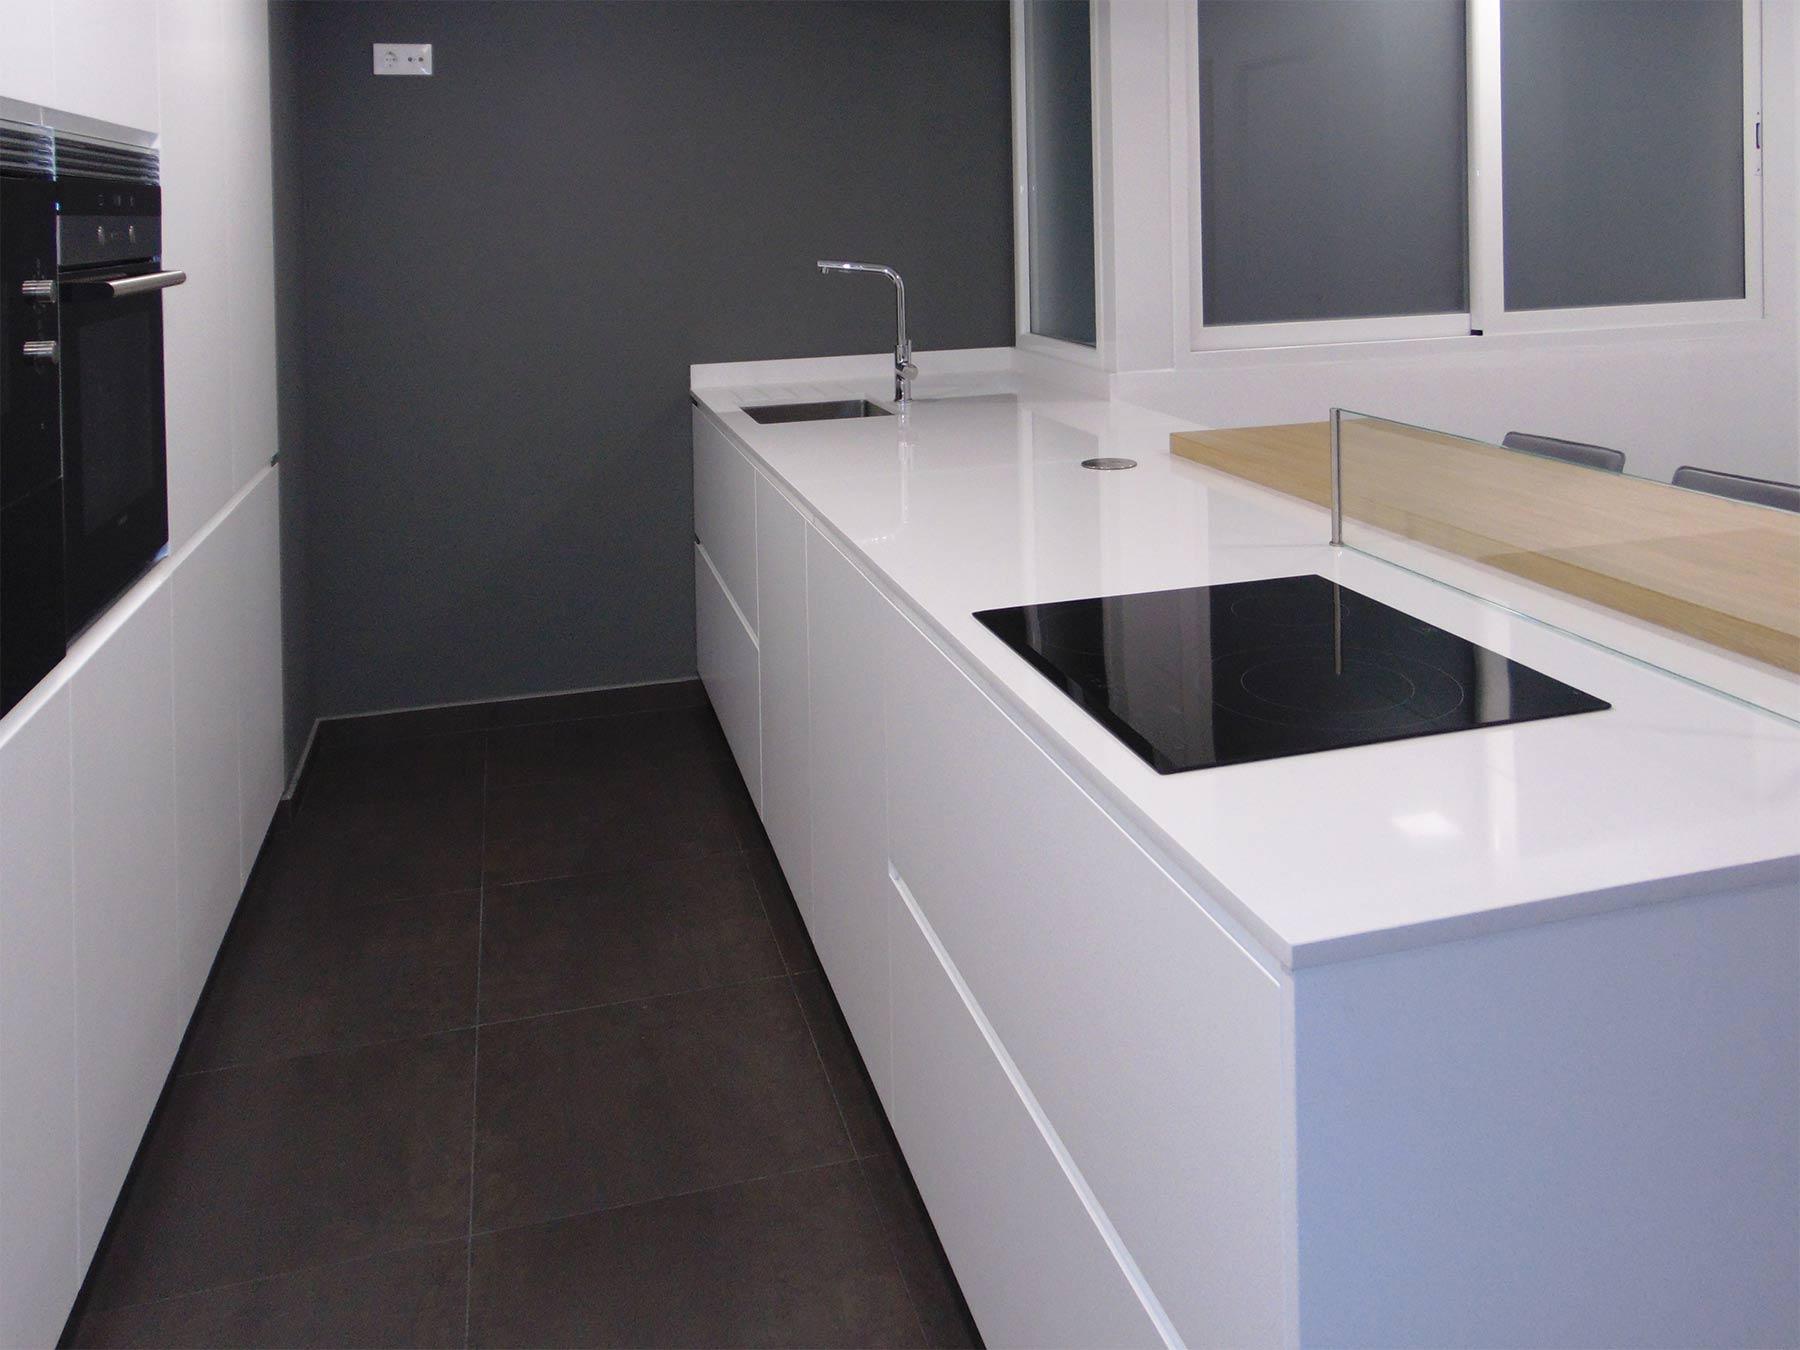 Detalle de la península de cocina. Puertas y encimera en color blanco. Placa de cocción y fregadero integrados.